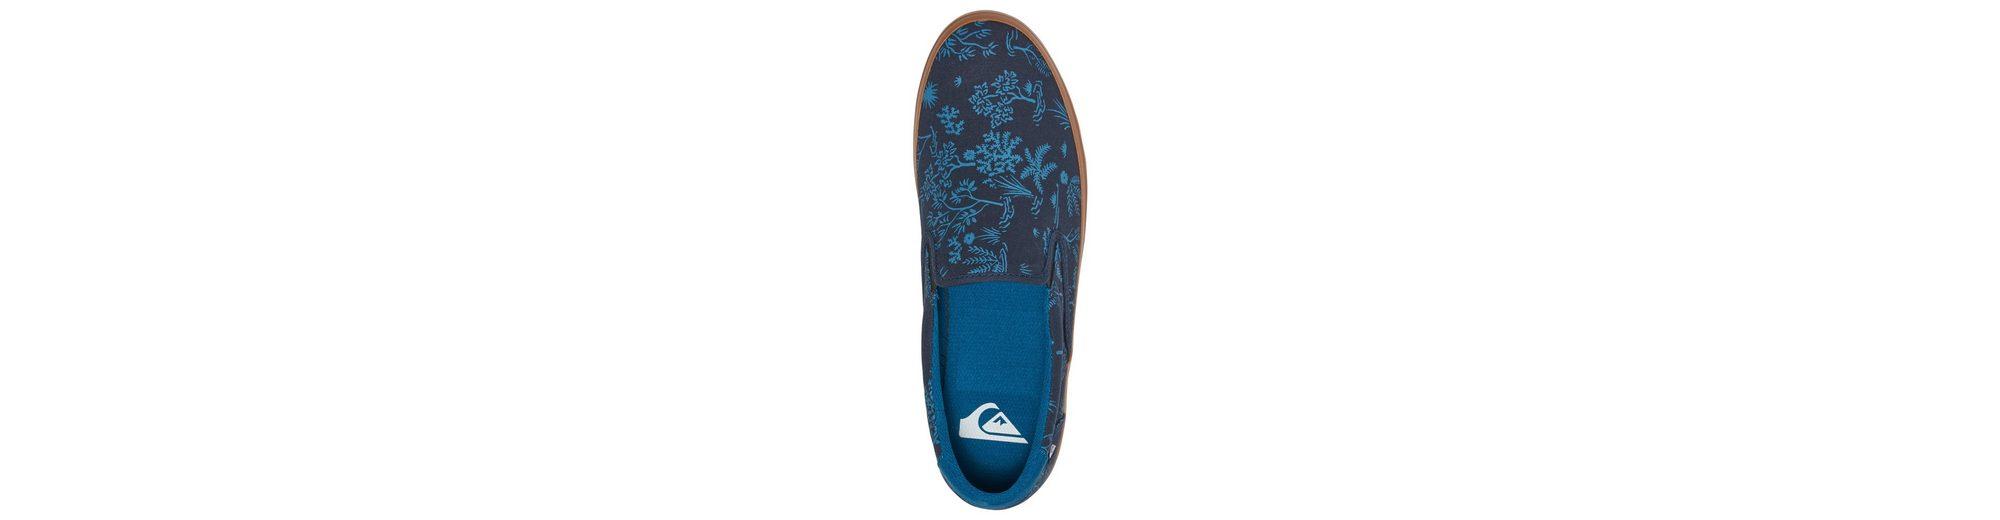 Spielraum Shop Günstig Online Quiksilver Schuhe Shorebreak Verkauf Veröffentlichungstermine Gl3dJIh47